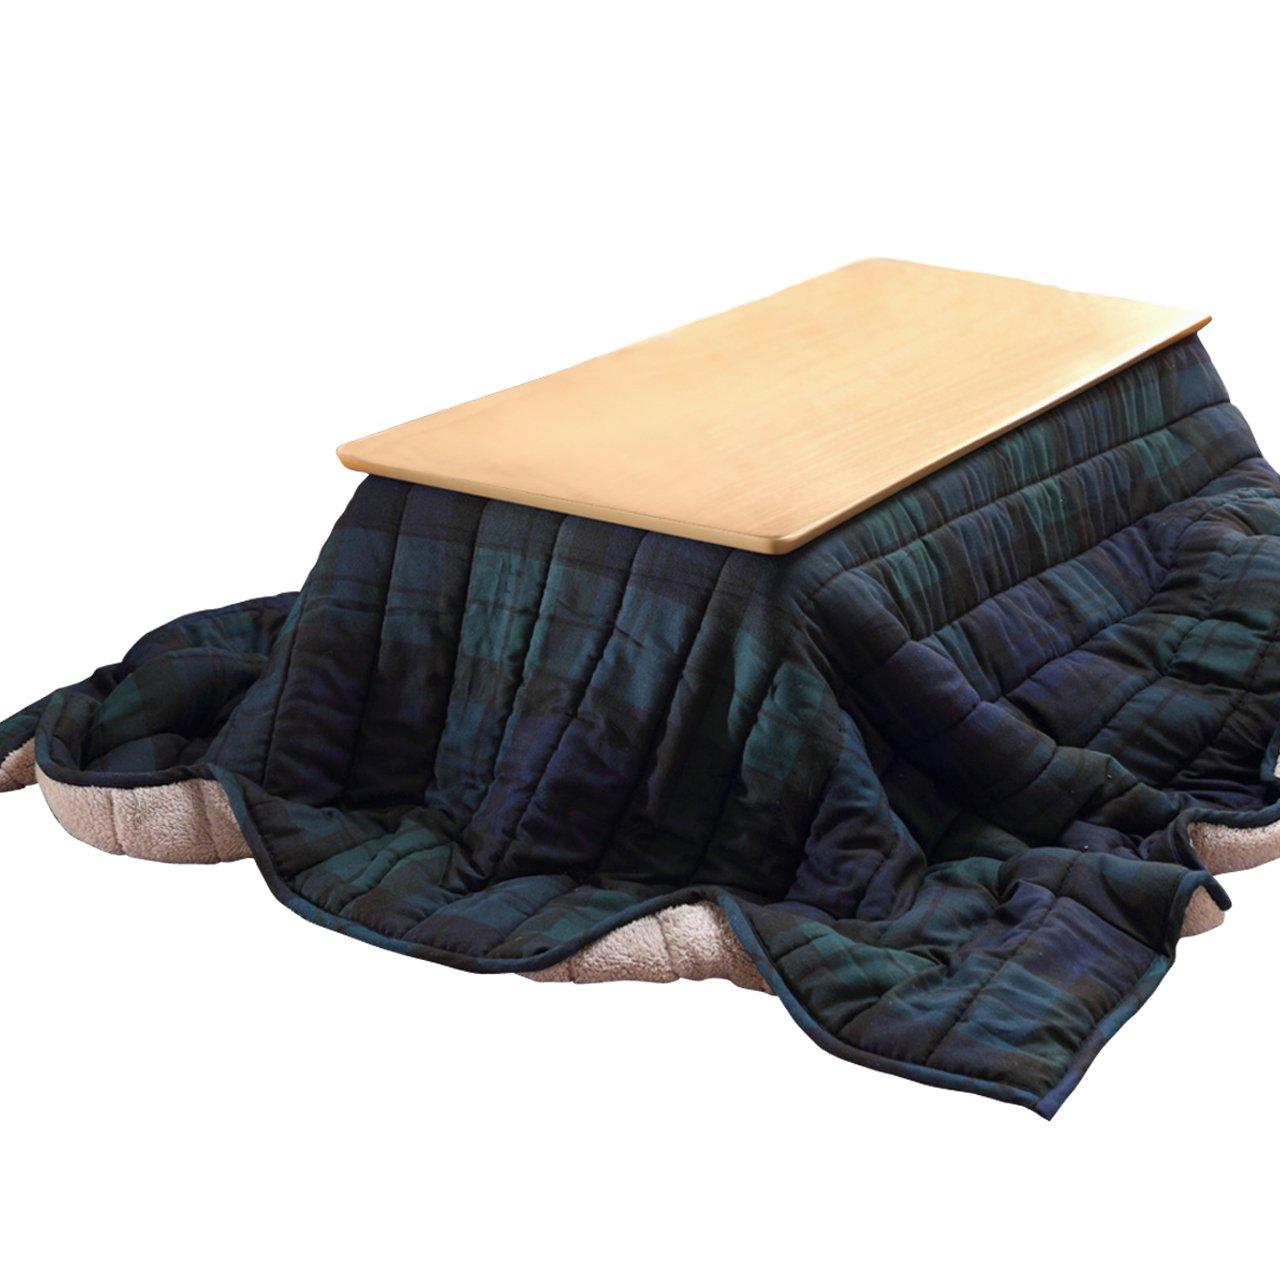 フラットヒーター折れ脚こたつ アロー スクエア(ナチュラル)+保温綿入り布団チェックタイプ グリーン 2点セット こたつ本体/スクエア(ナチュラル) 布団バリエーション/グリーン B01M0AJV6L